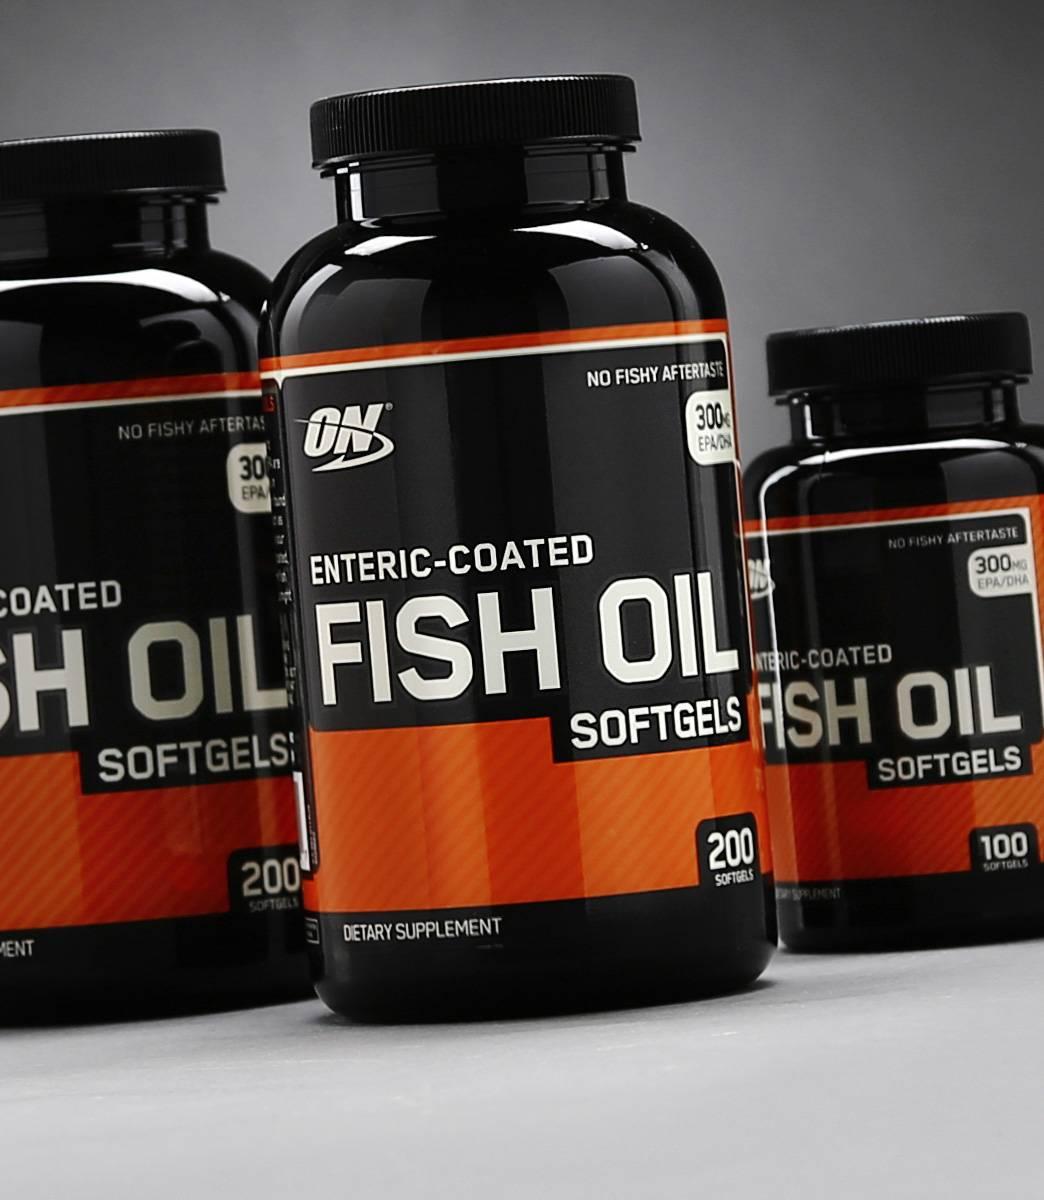 Vp laboratory fish oil в капсулах – обзор, инструкция и отзывы